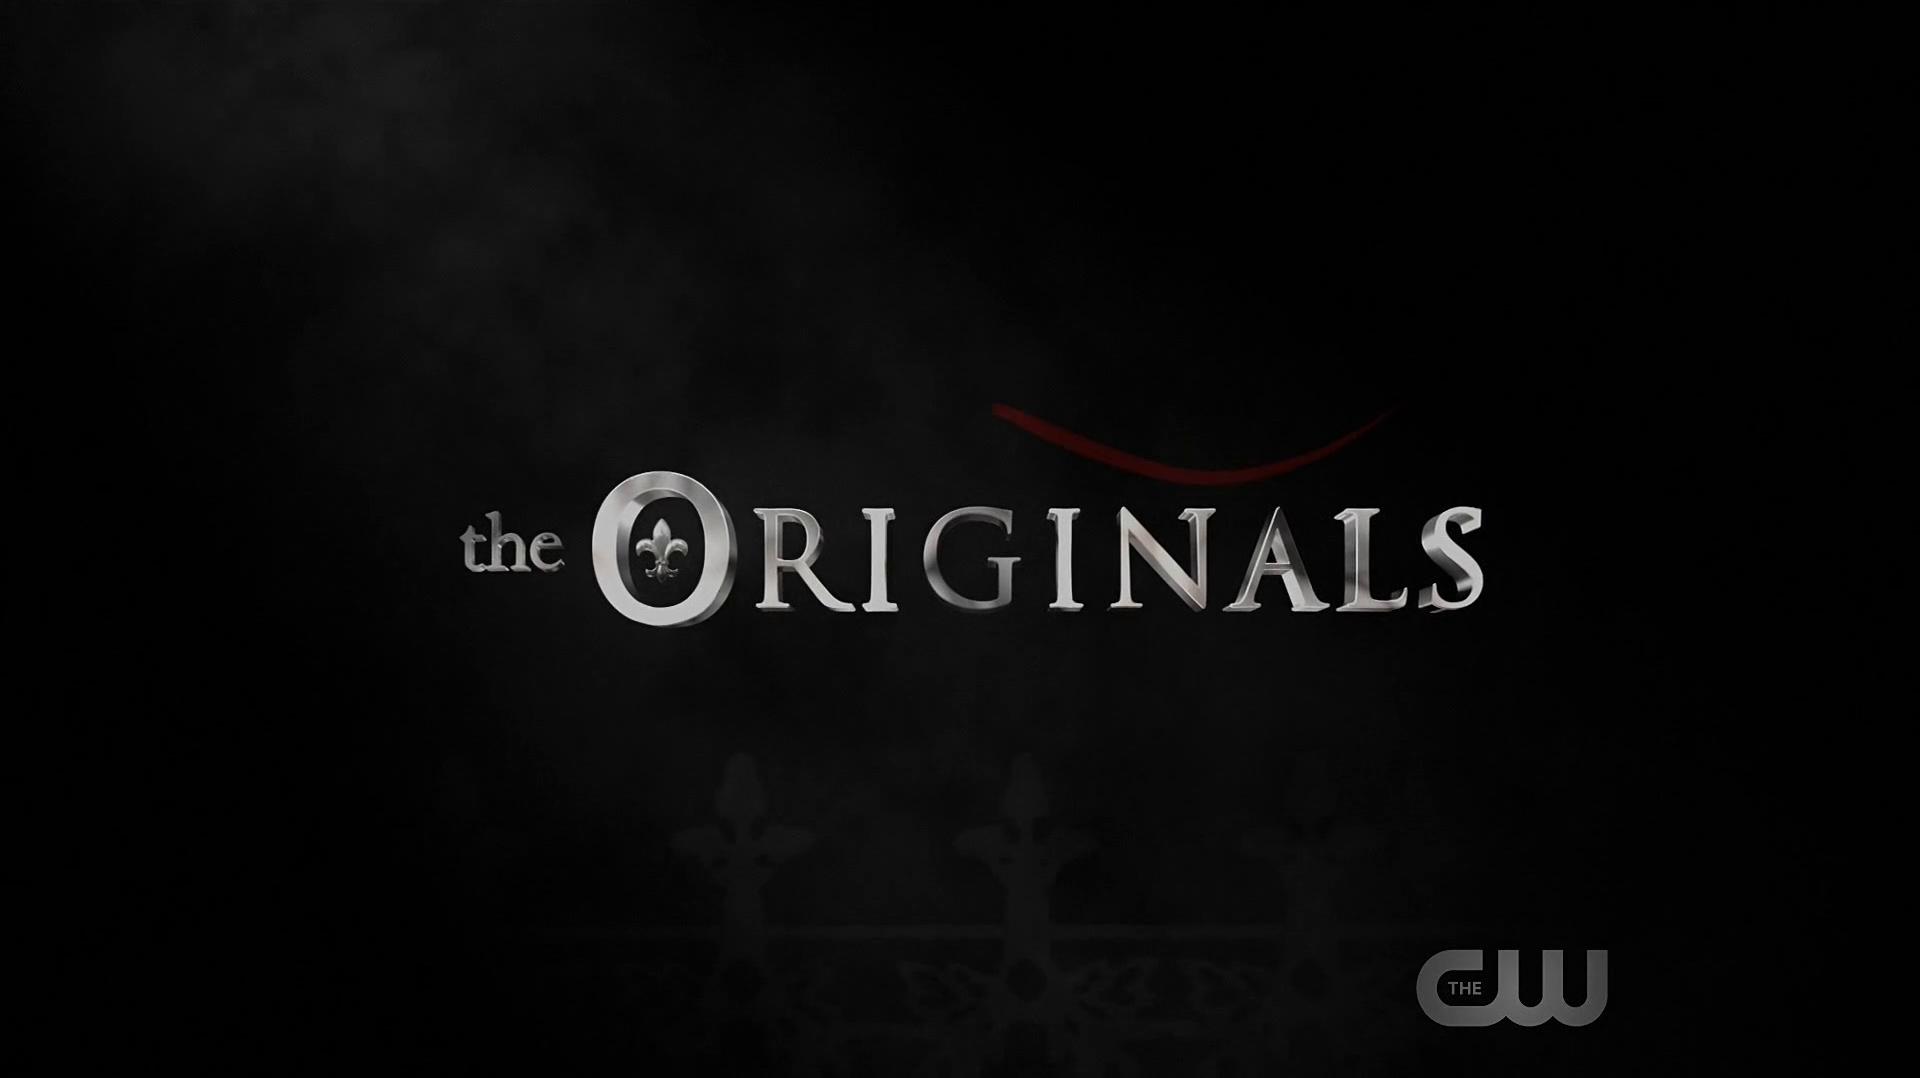 The Originals S05E08 1080p HDTV x264-PLUTONiUM